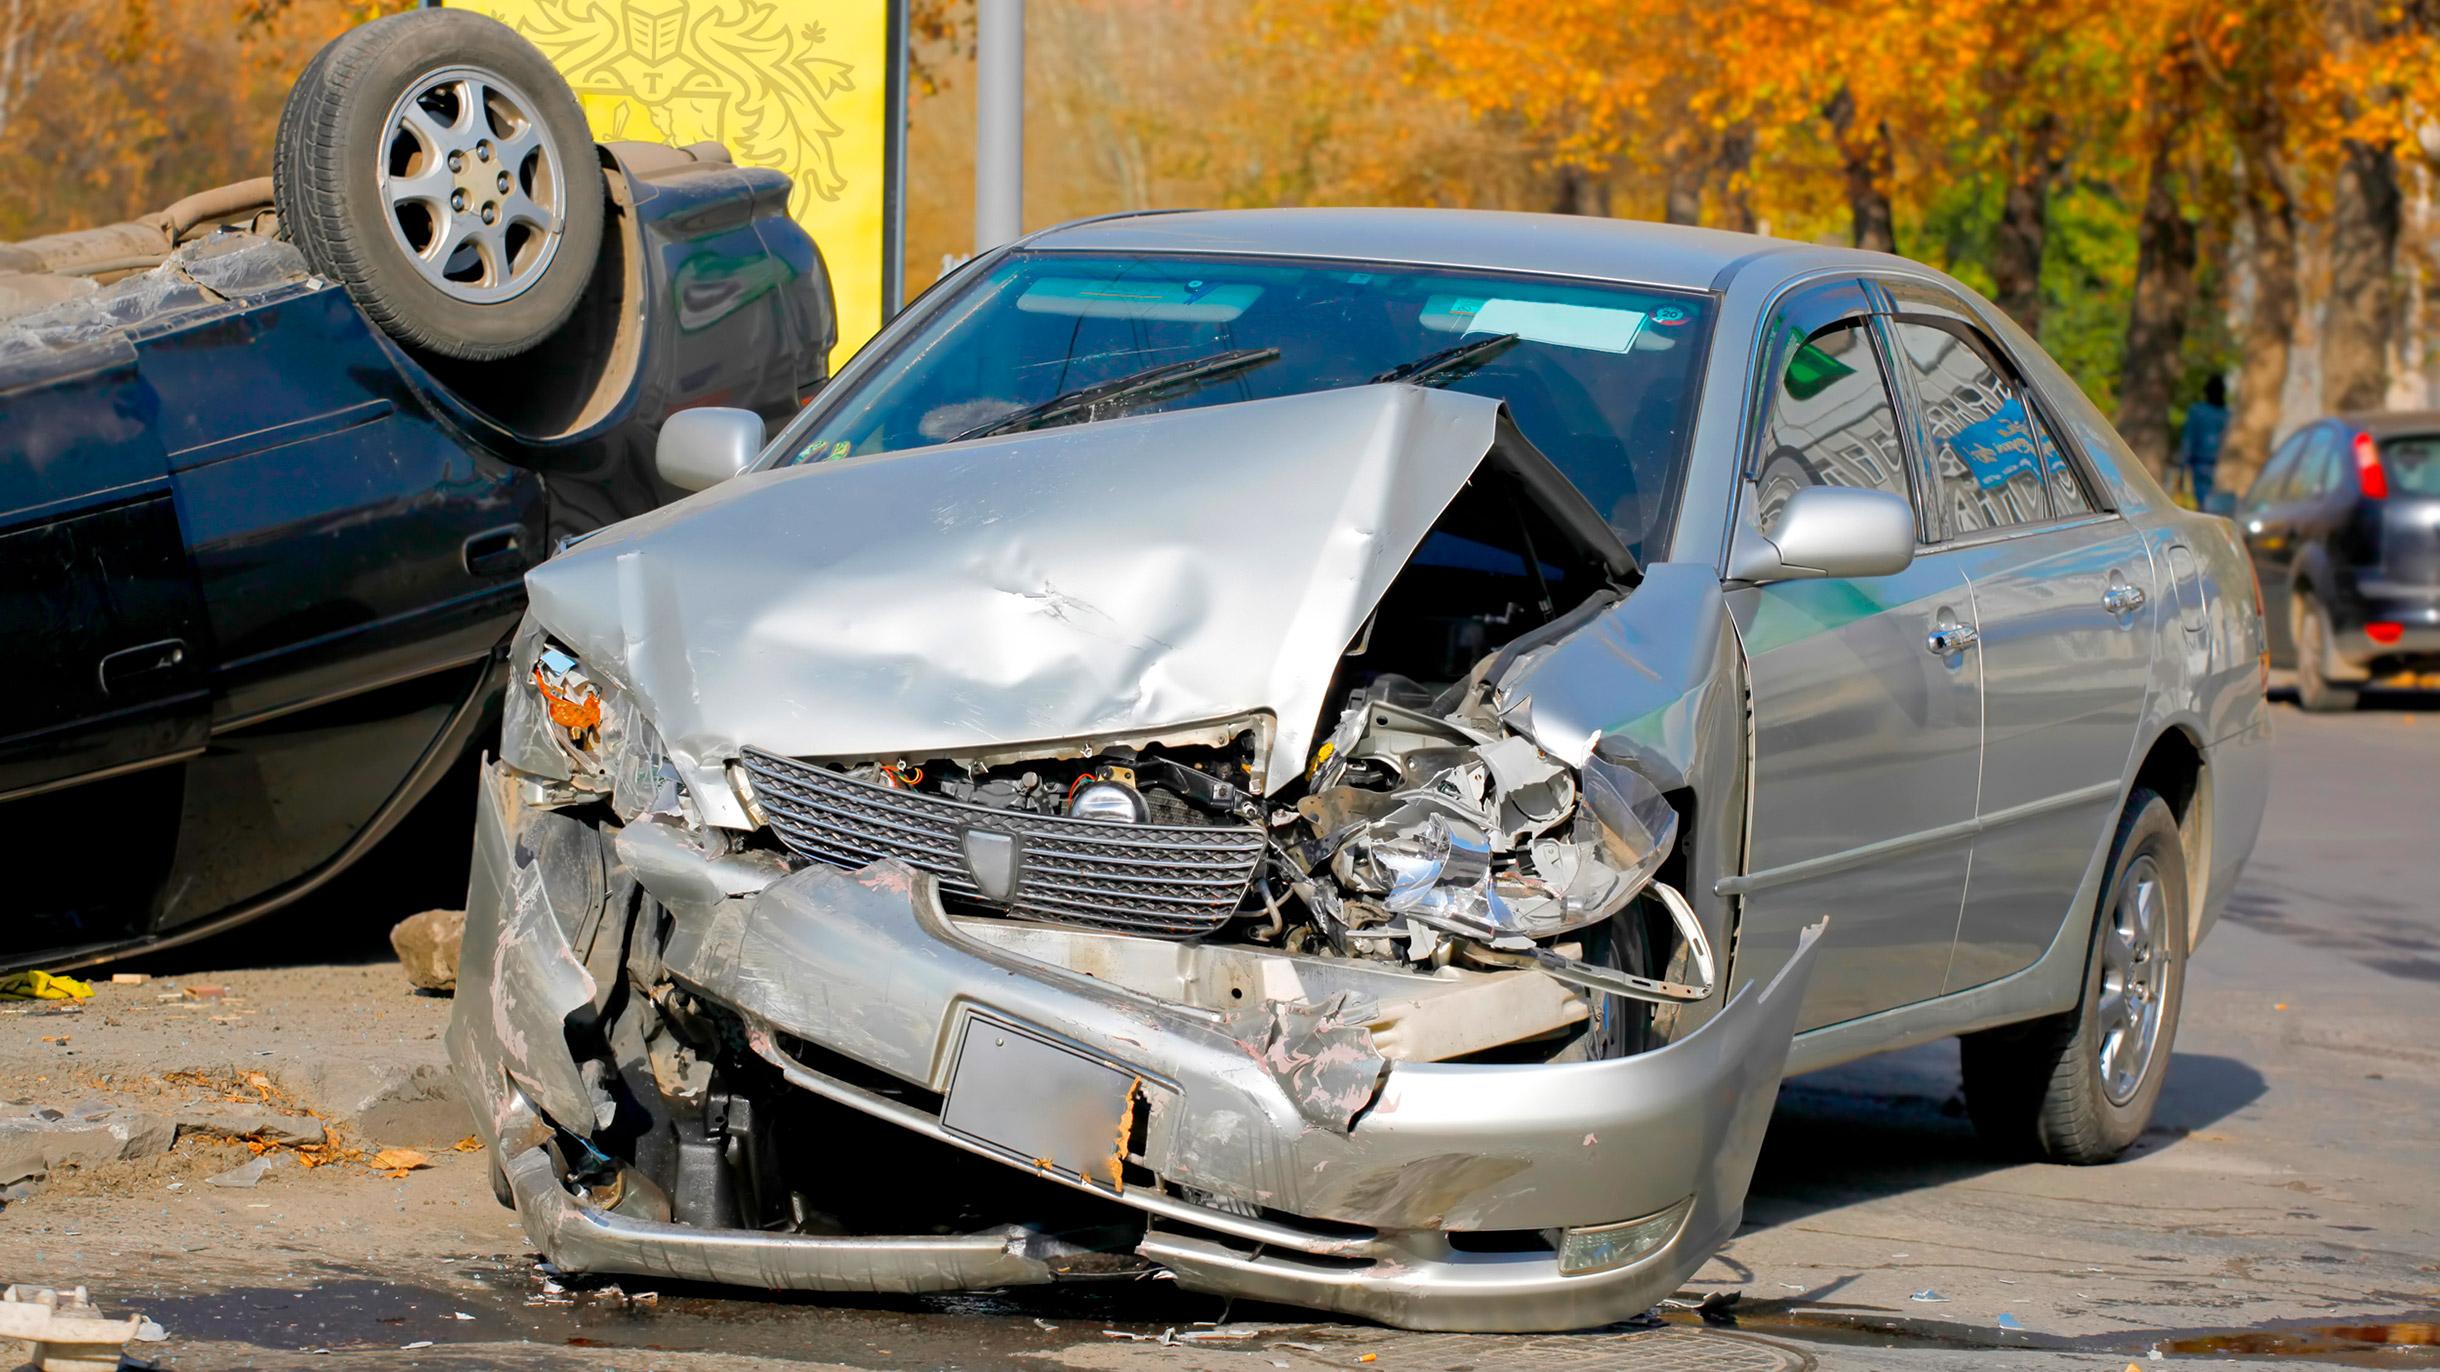 Мужчина арендовал автомобиль и дал его своей знакомой, а теперь должен оплатить ремонт